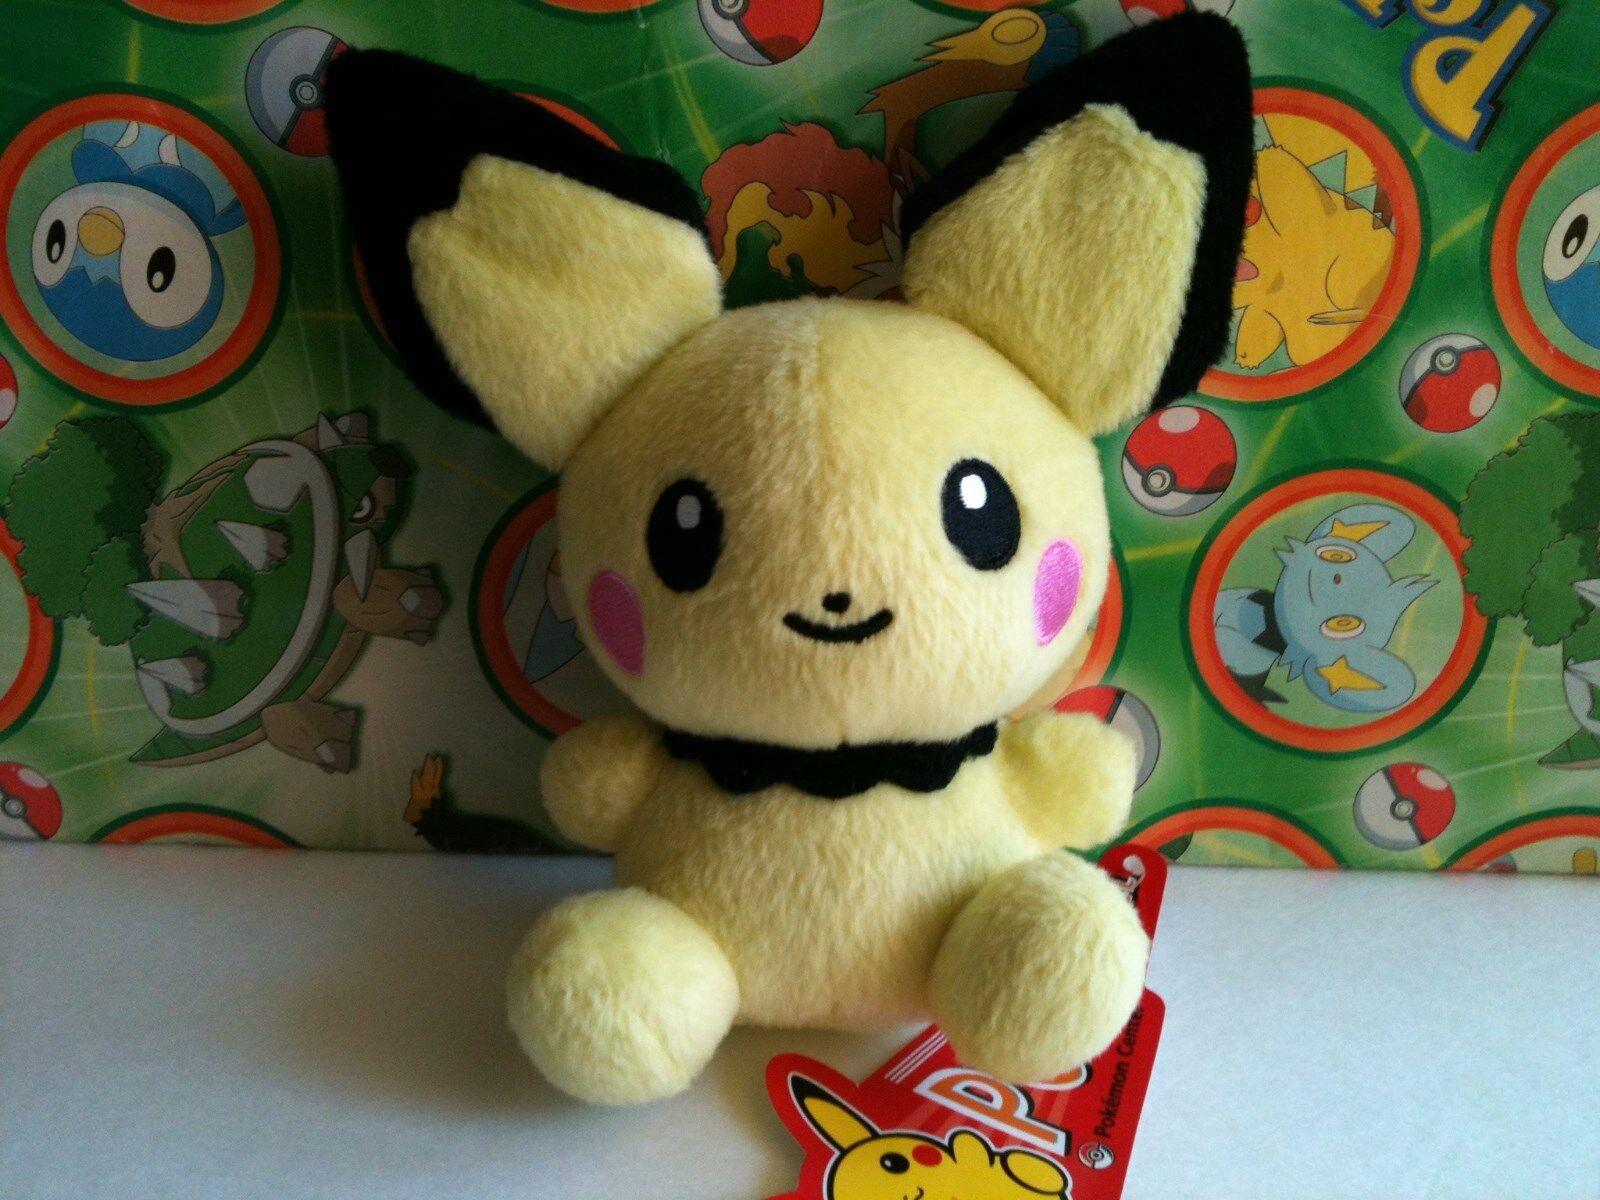 Pokemon Center Plush Pichu Pokedoll 2007 Stuffed Doll figure Legit New US Seller